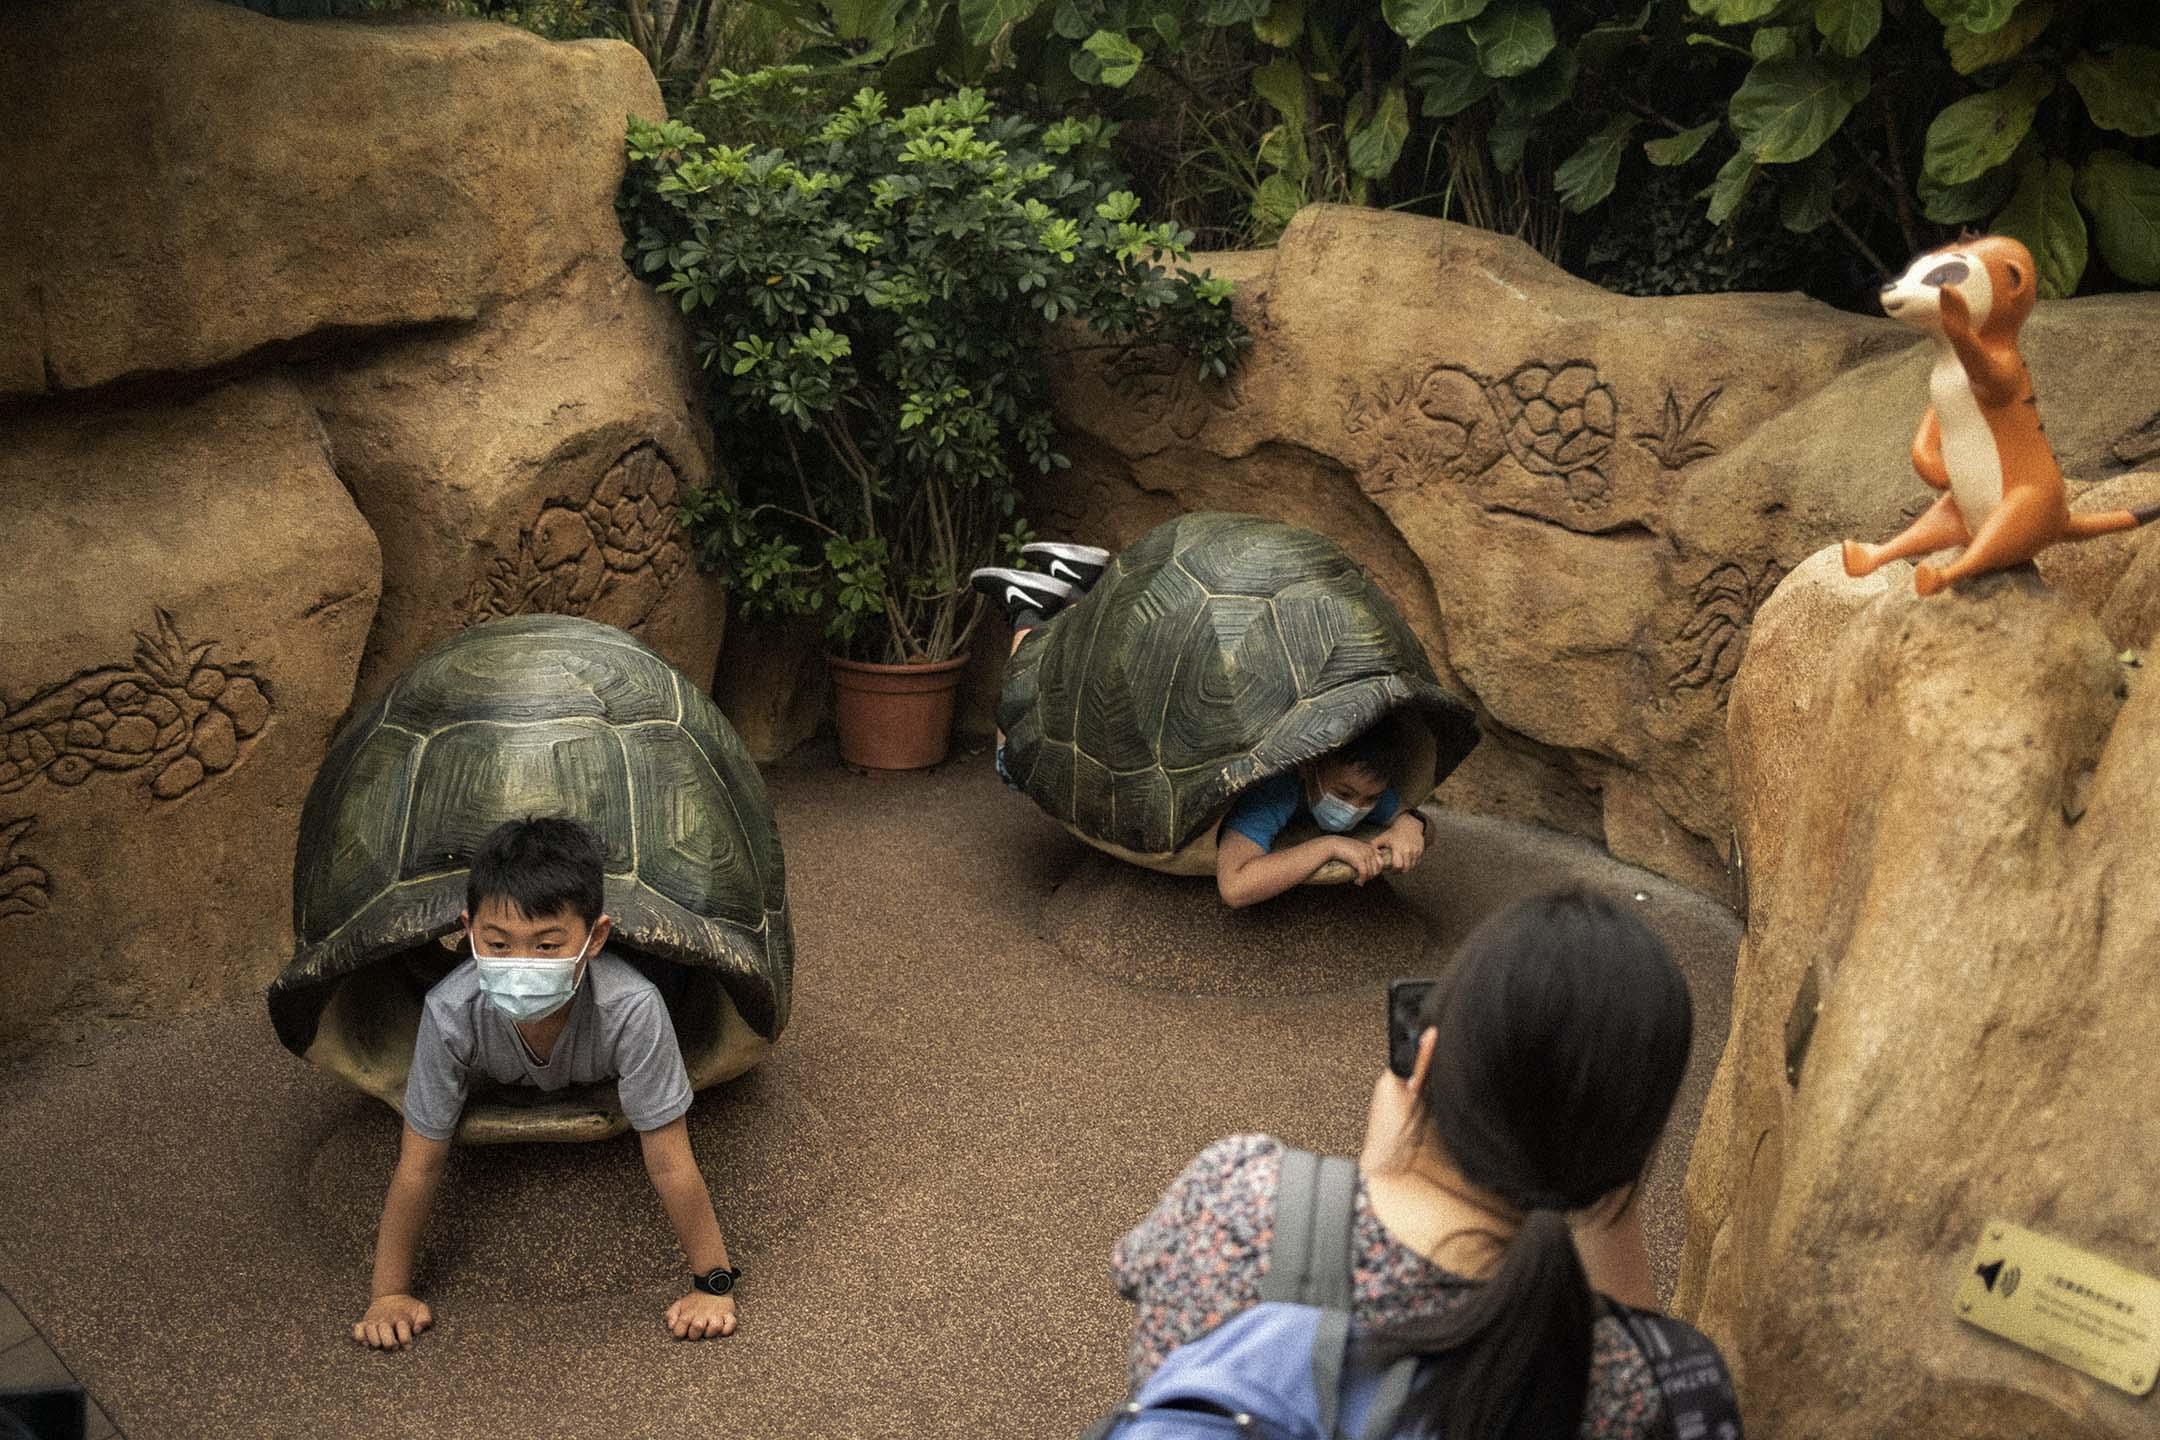 2021年4月1日海洋公園,兒童戴著口罩走進龜殼的擺設内。 攝:陳焯煇/端傳媒